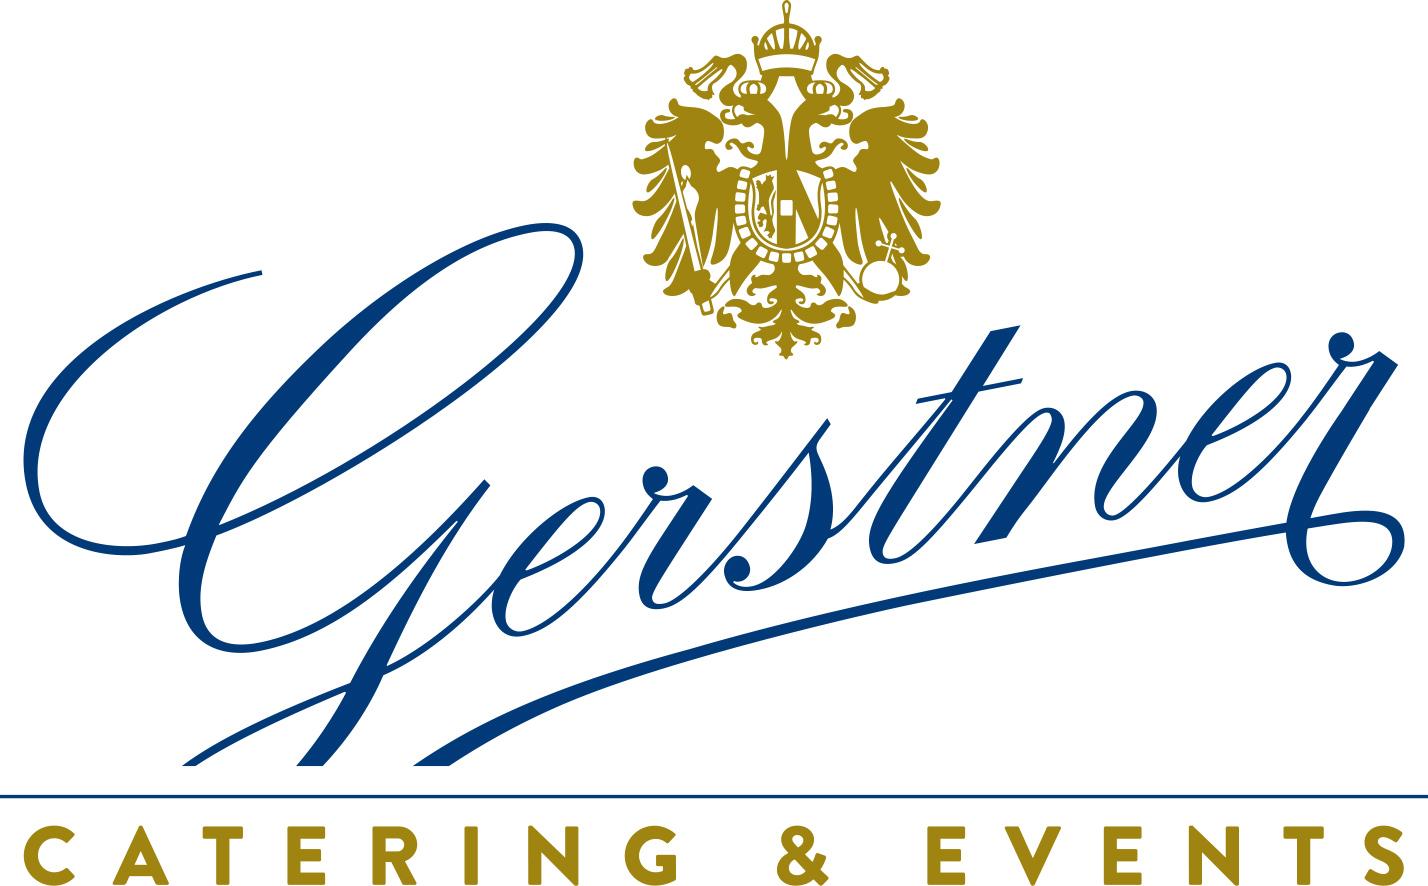 Logo_Gerstner_CateringEvents_4C